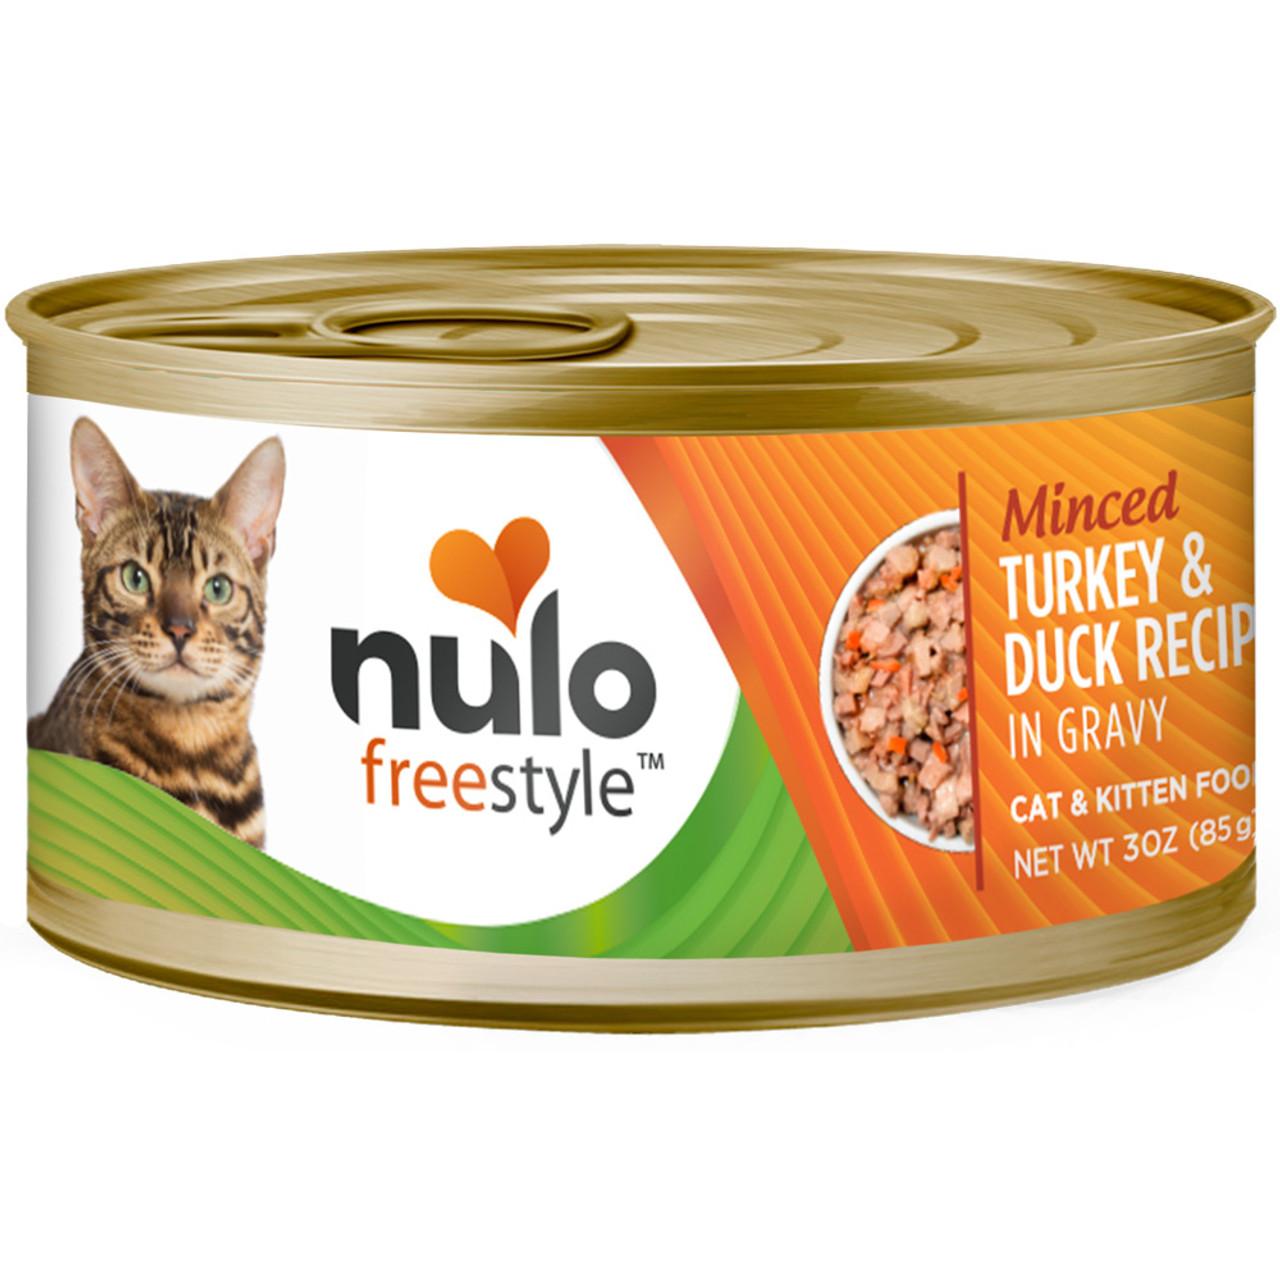 Nulo Freestyle Cat & Kitten Minced Turkey & Duck Recipe In Gravy Canned Cat Food